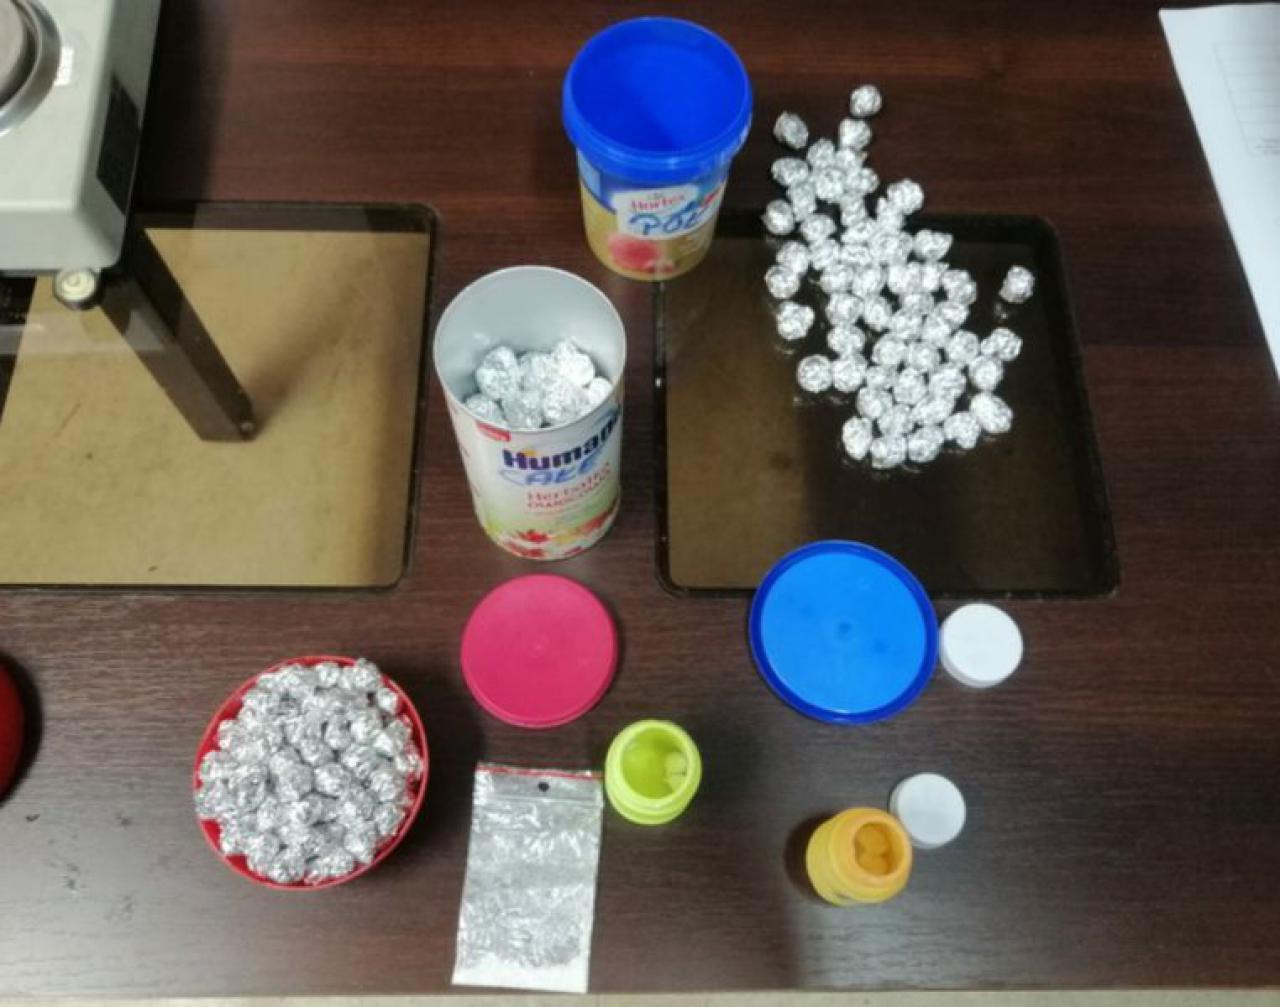 Areszt dla mężczyzny za posiadanie znacznej ilości narkotyków